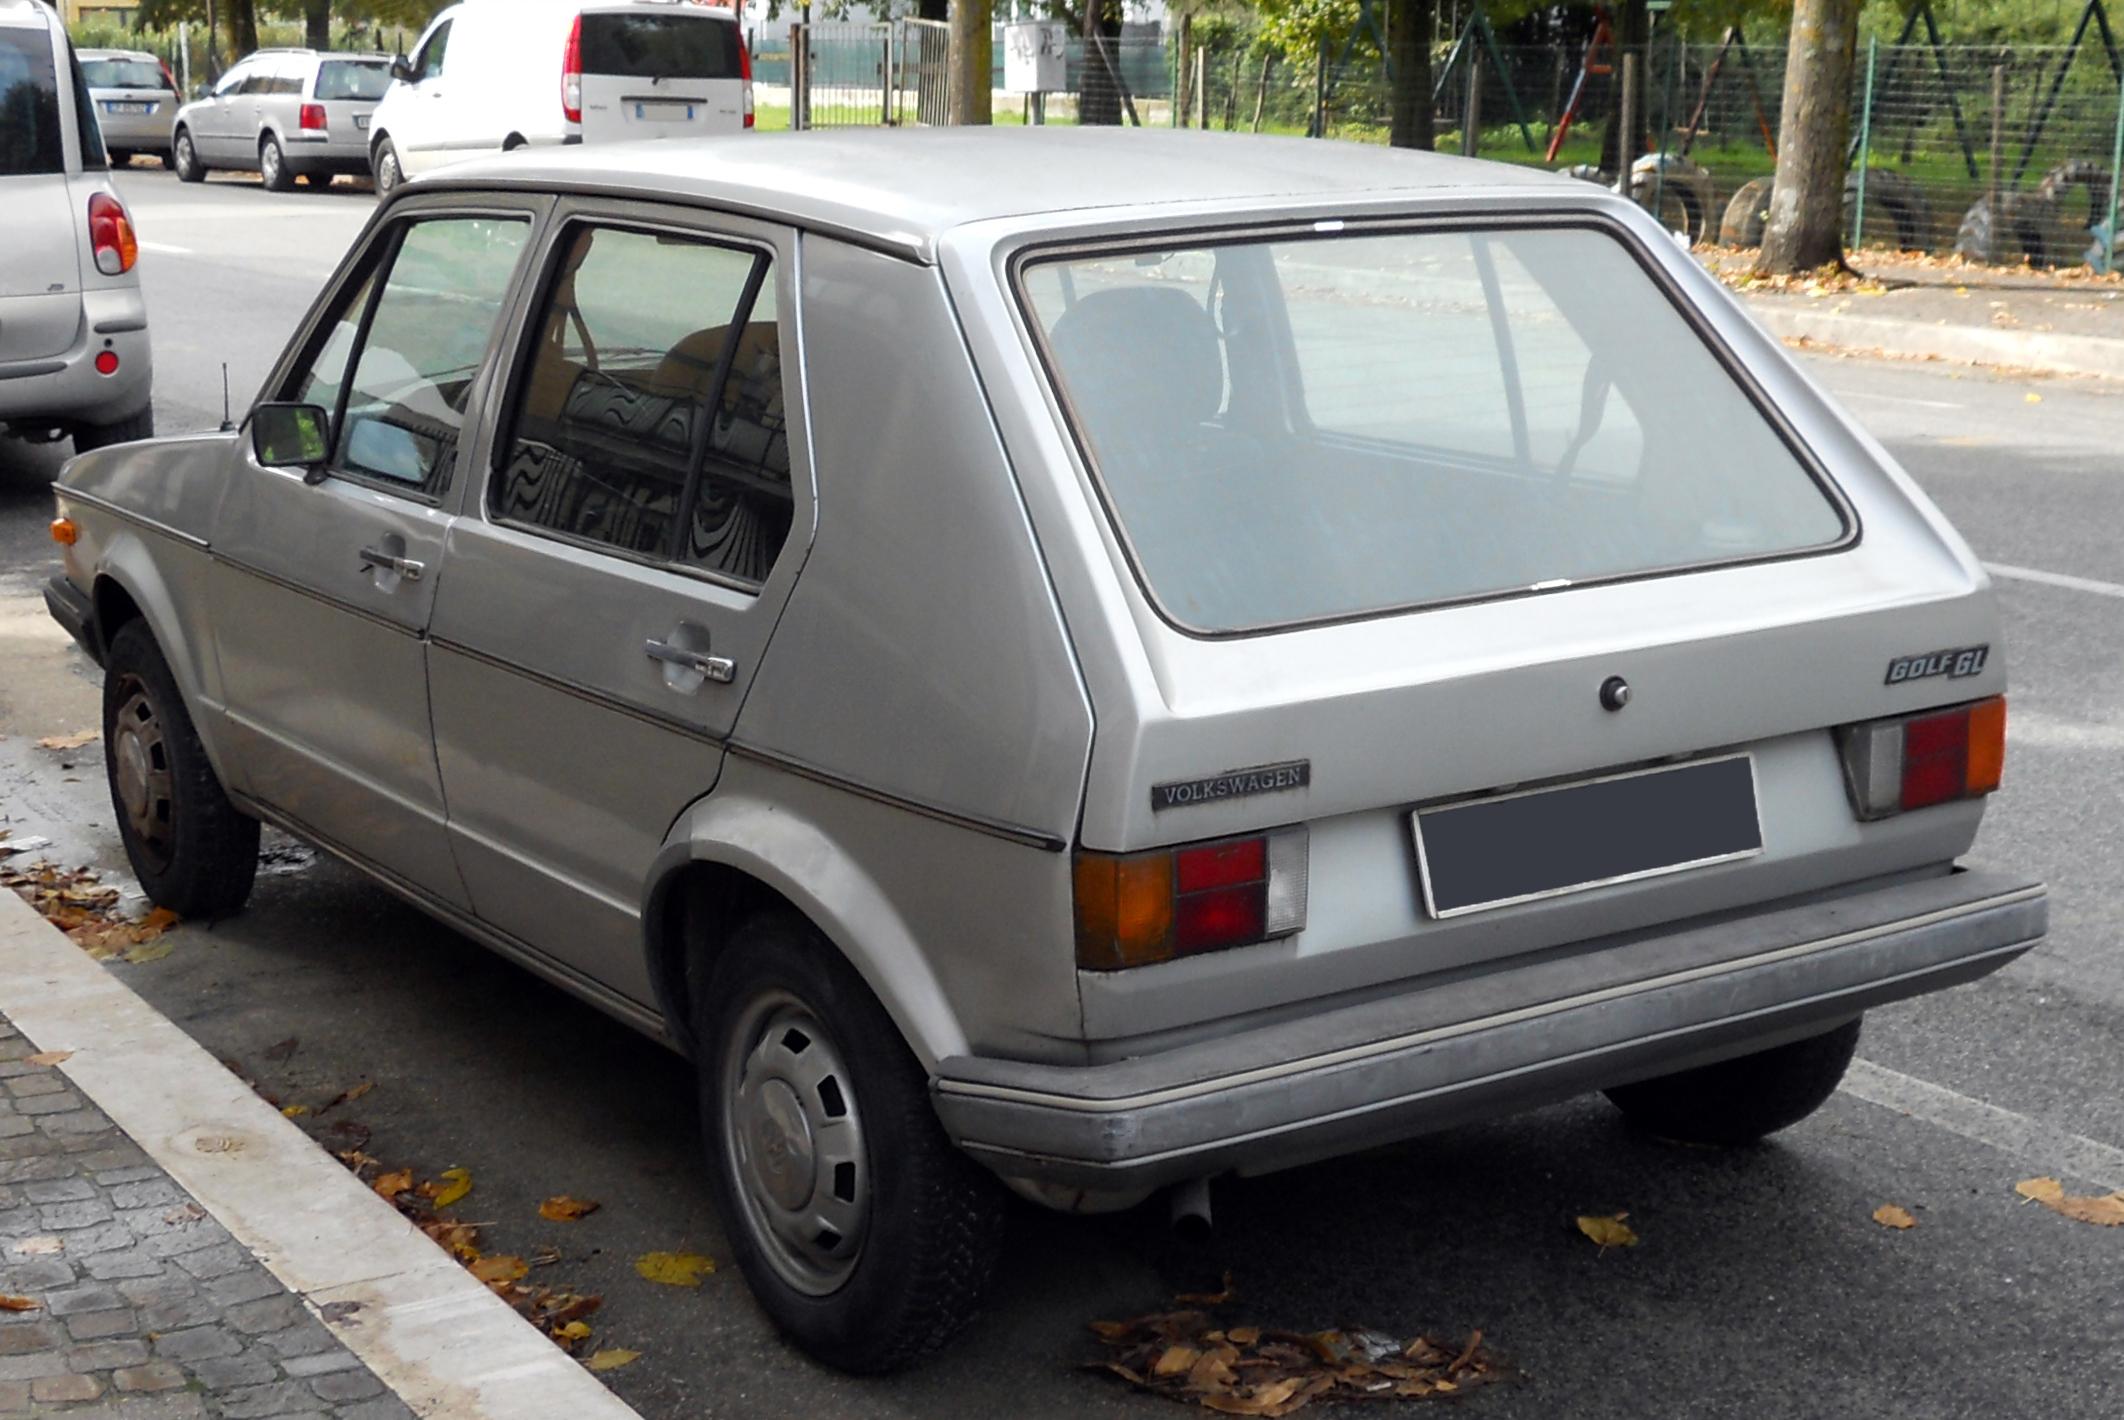 Volkswagen_Golf_GL_mk1_-_rear.jpg